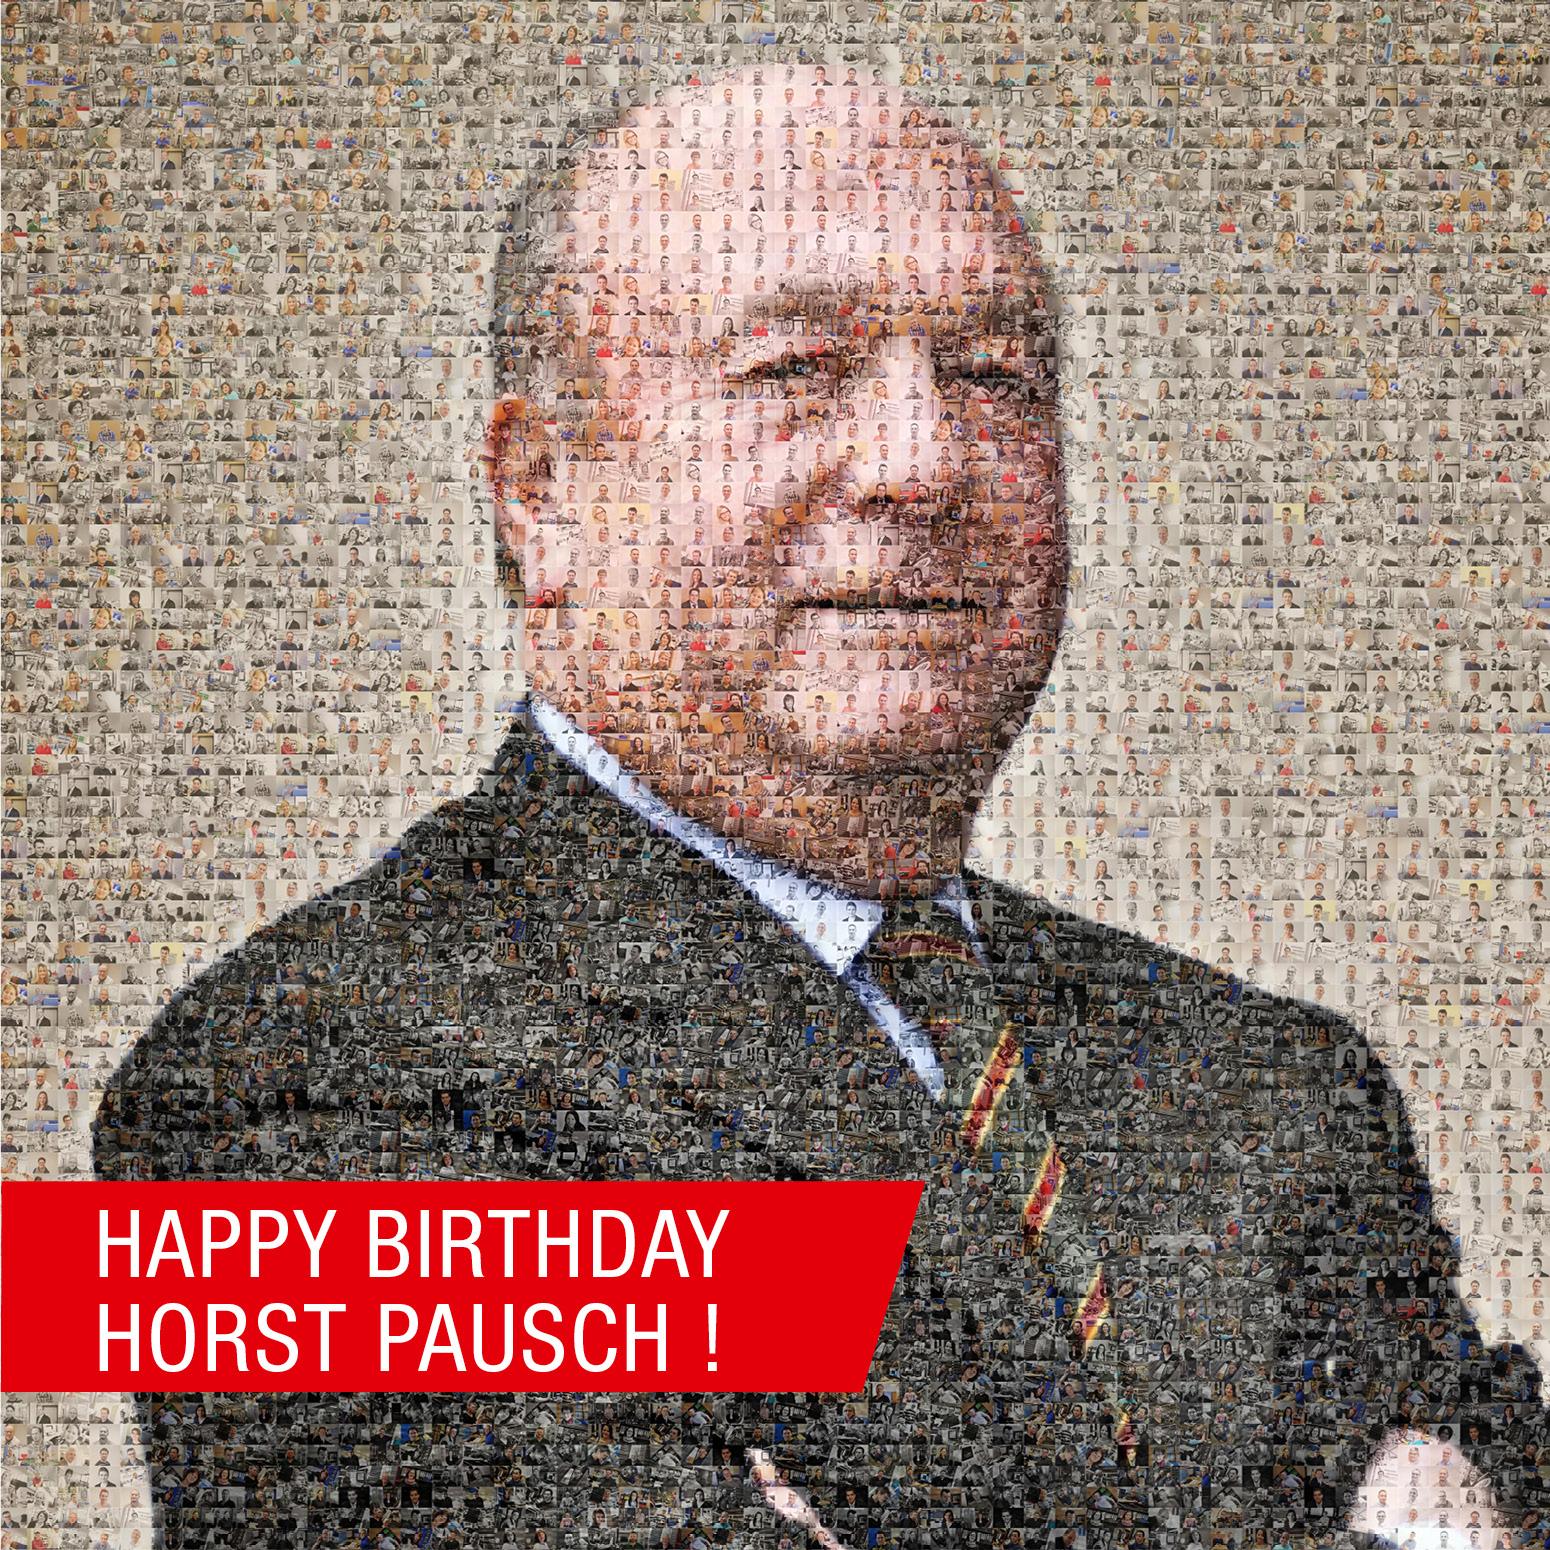 Herzlichen Glückwunsch zum Geburtstag, lieber Horst Pausch!